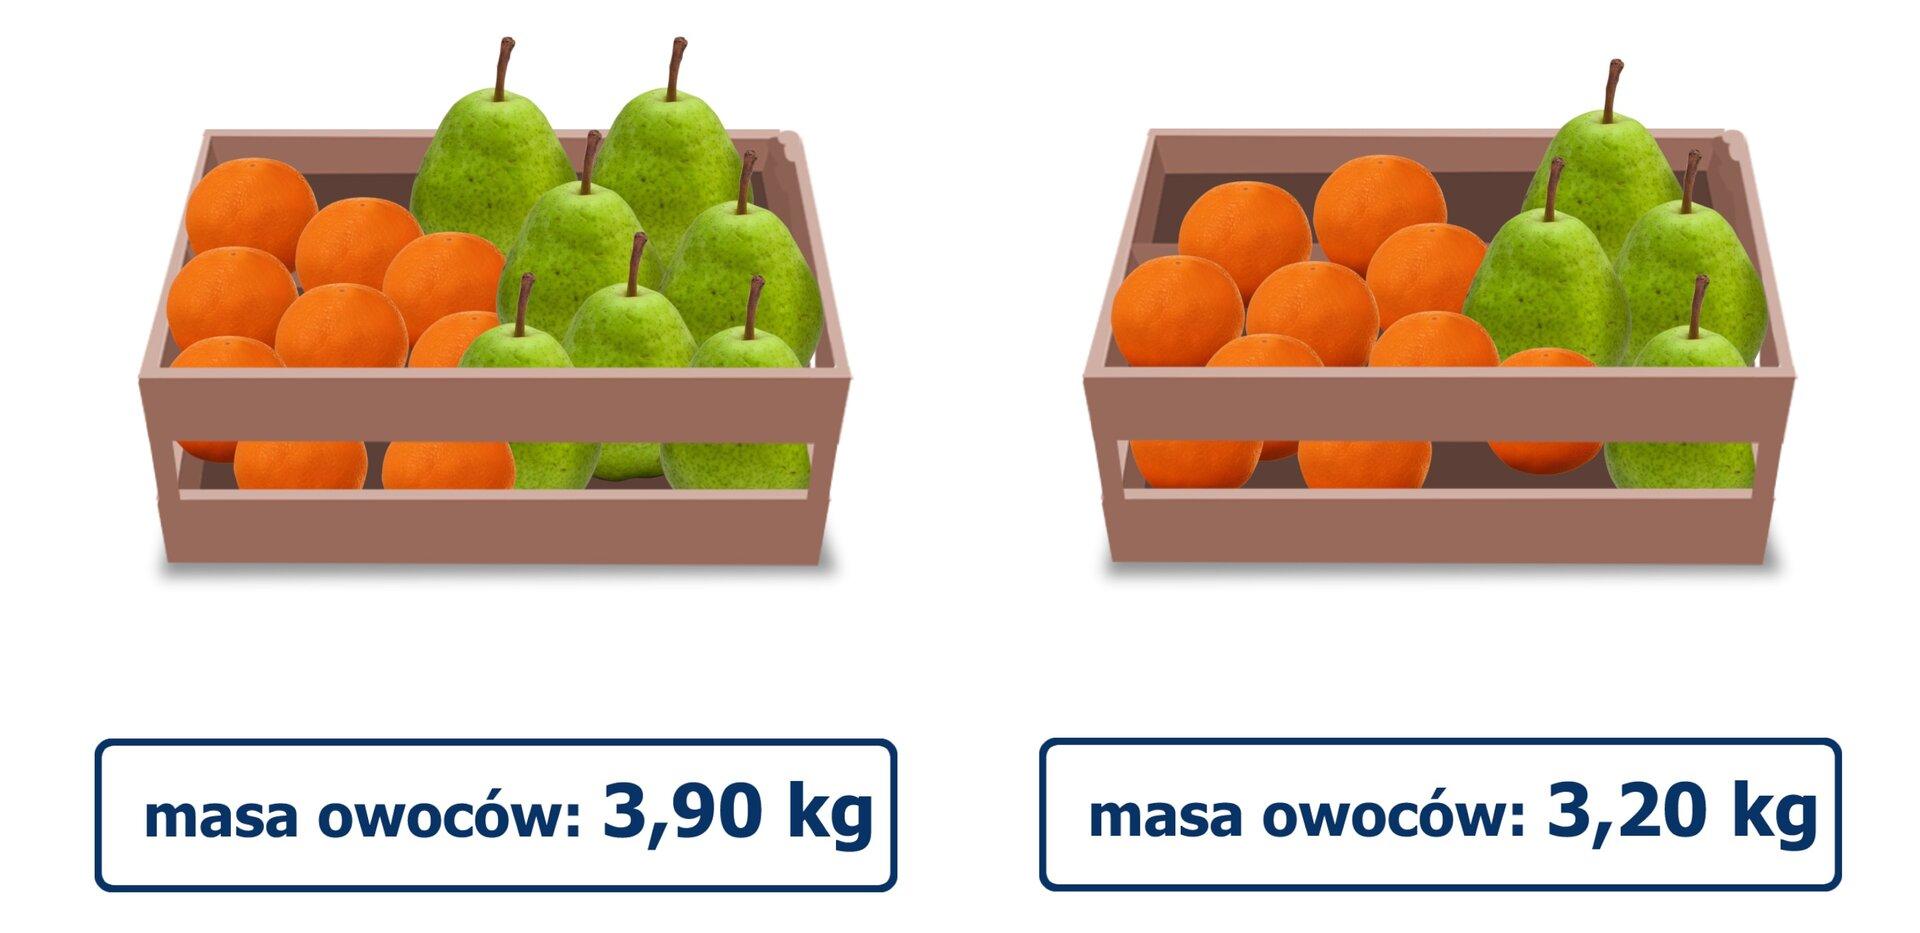 Rysunek dwóch skrzynek zowocami. Wpierwszej skrzynce znajduje się 9 brzoskwiń i7 gruszek, które ważą 3,90 kg. Wdrugiej skrzynce znajduje się 10 brzoskwiń i4 gruszki, które ważą 3,20 kg.